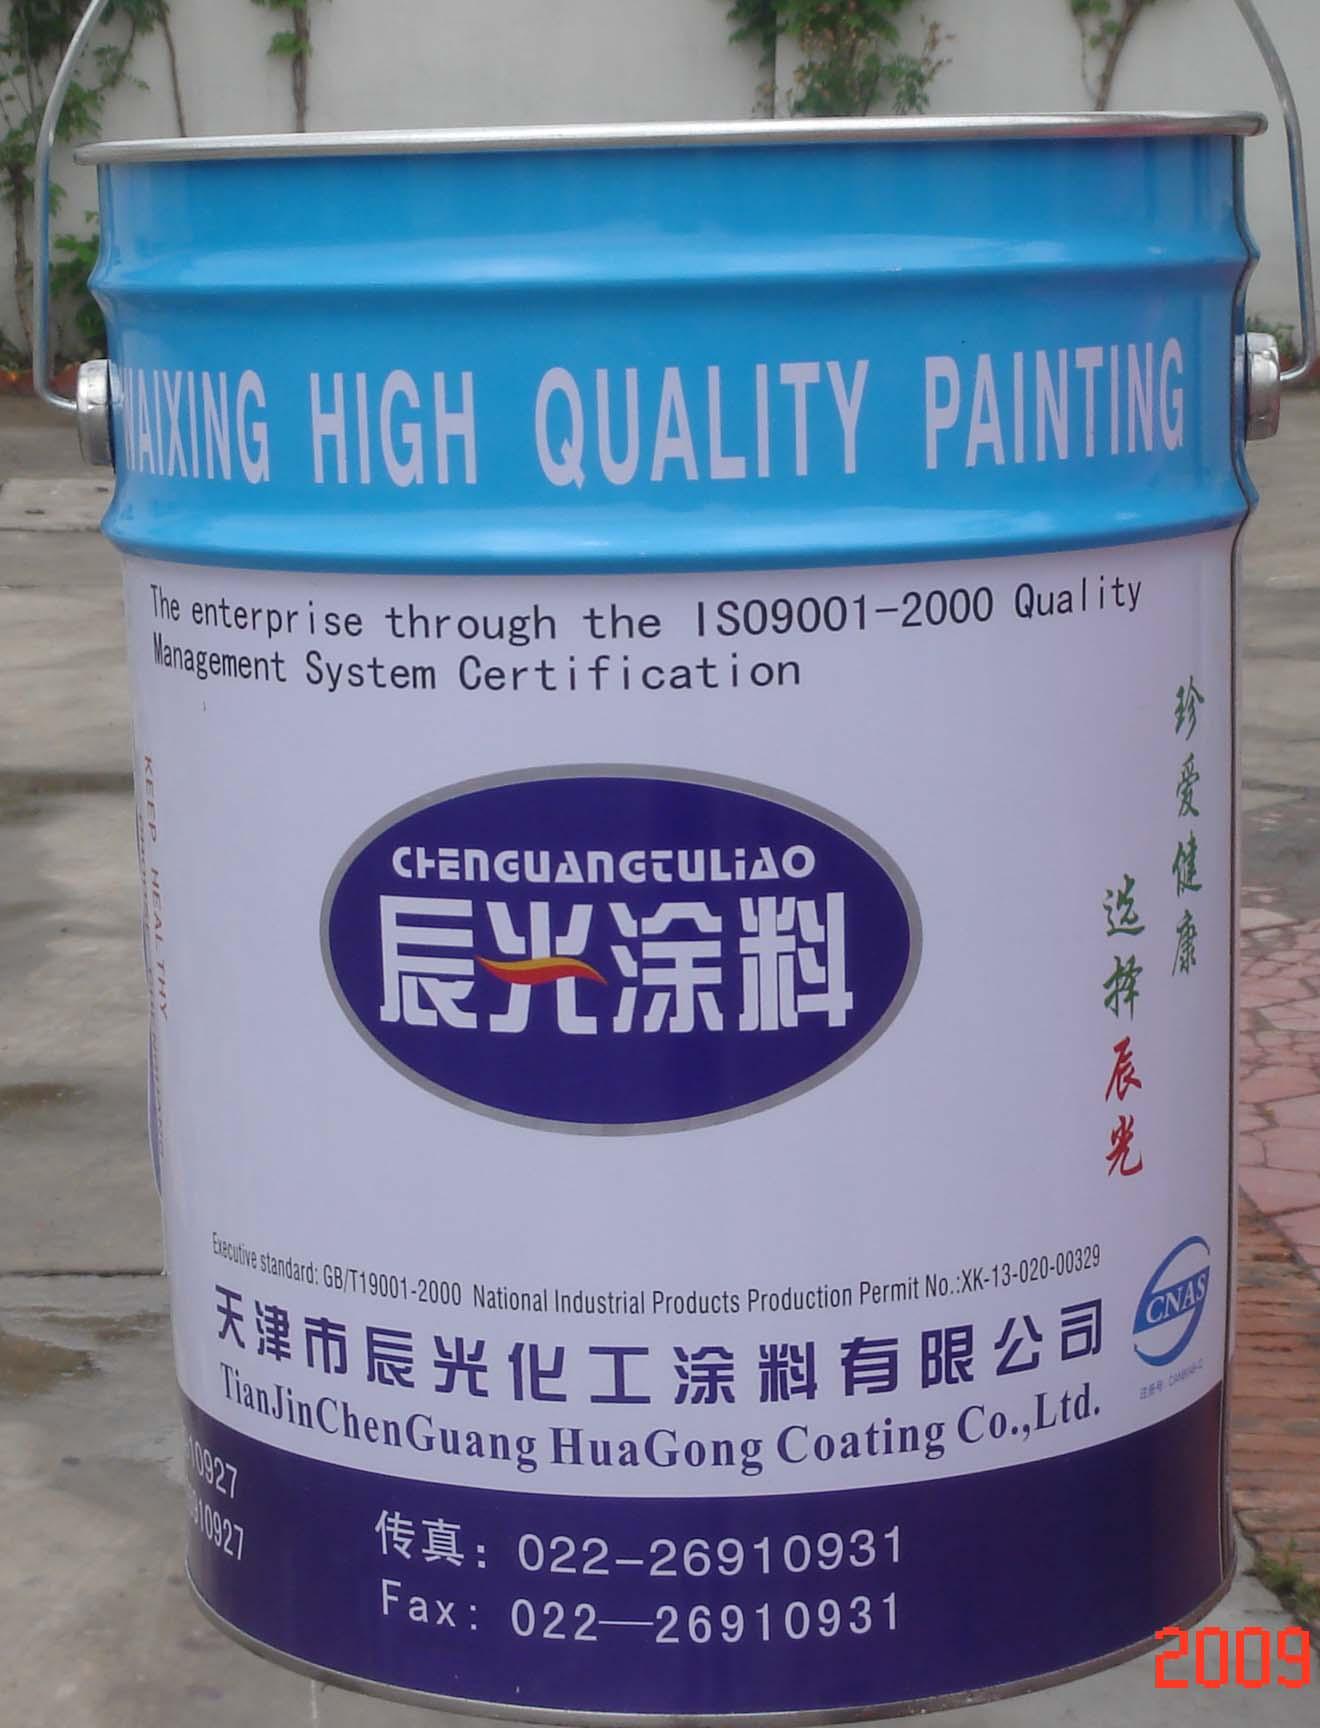 醇酸三宝调和漆 丙烯酸内墙乳胶漆 石纹漆